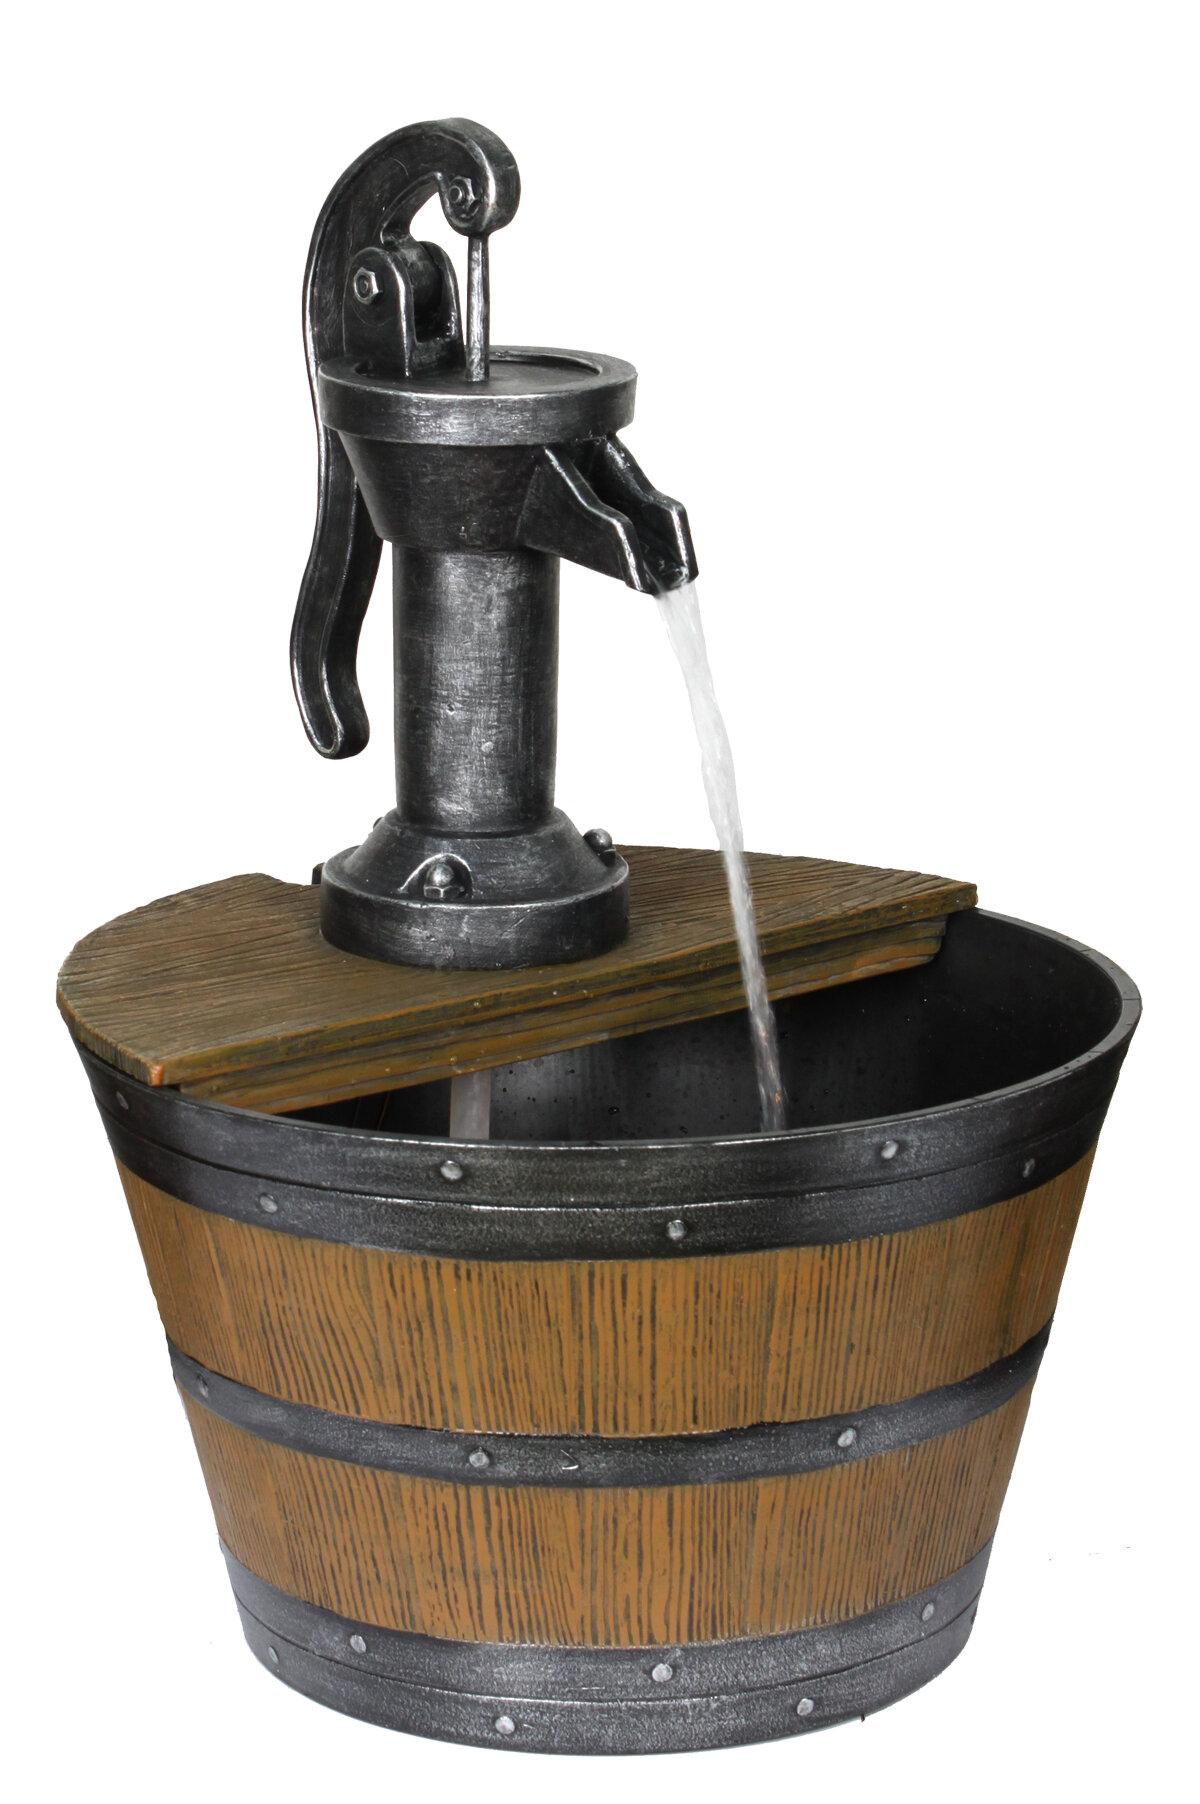 Beckett Fountain Pump Bing Images